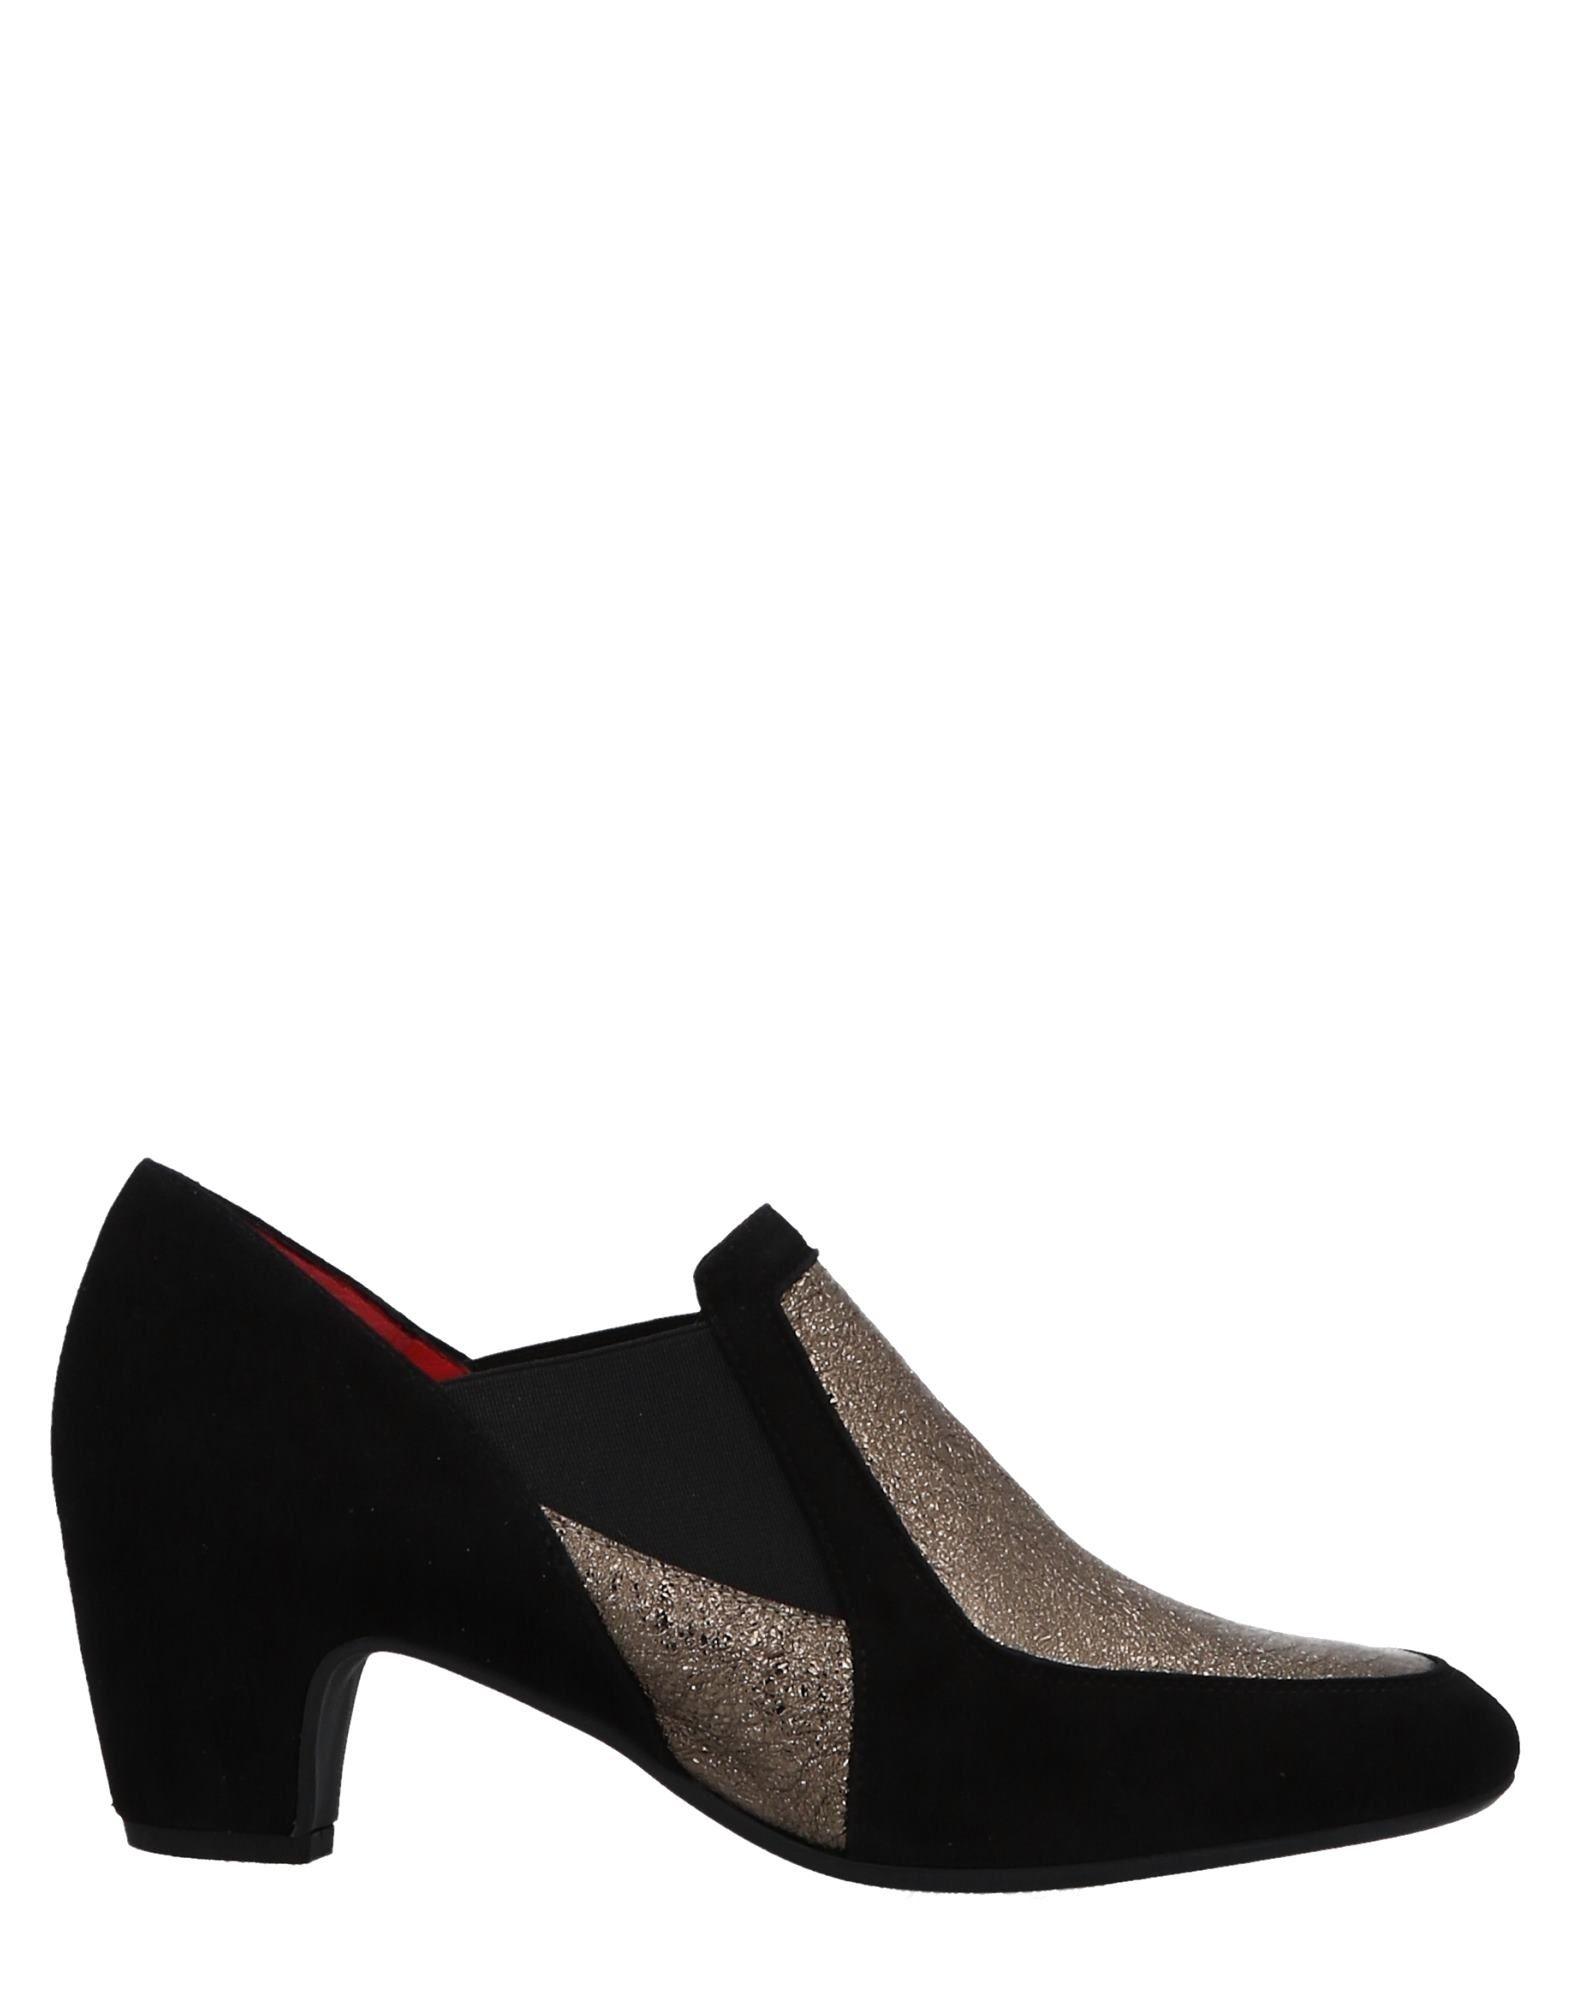 Pas De Rouge Ankle Boot Rouge - Women Pas De Rouge Boot Ankle Boots online on  Canada - 11512815UU edc1a8